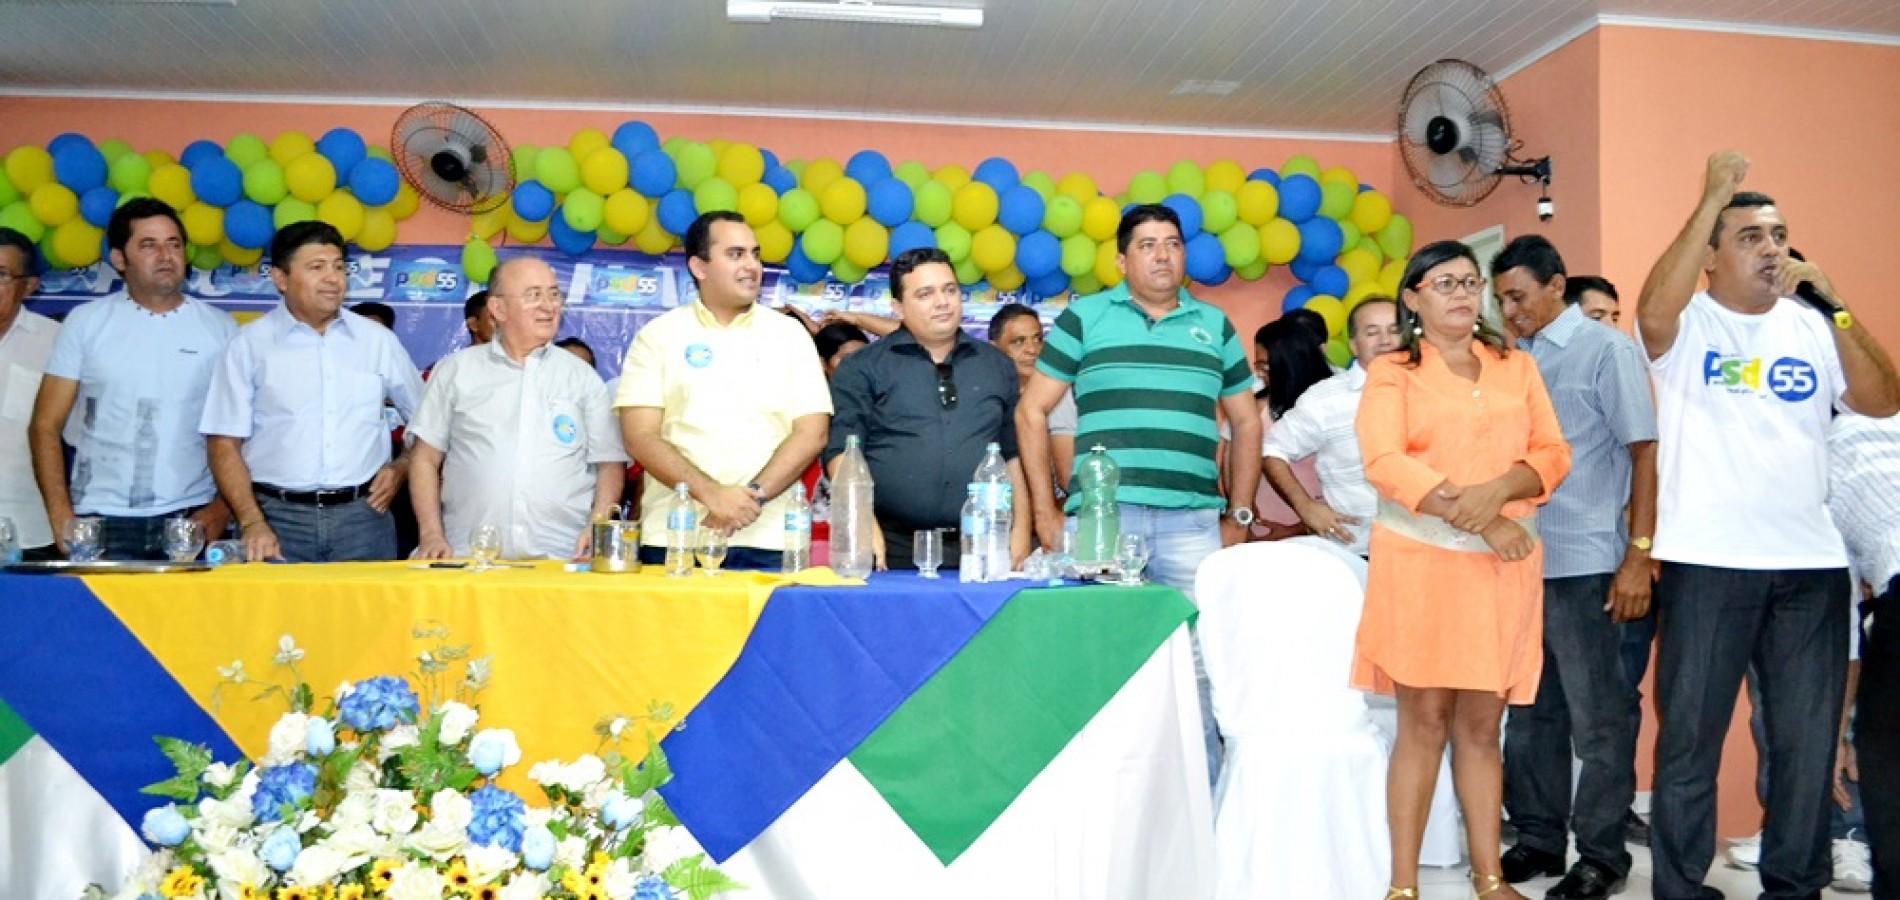 JAICÓS | Vice-prefeito filia ao PSD e se prepara para disputar eleições em 2016